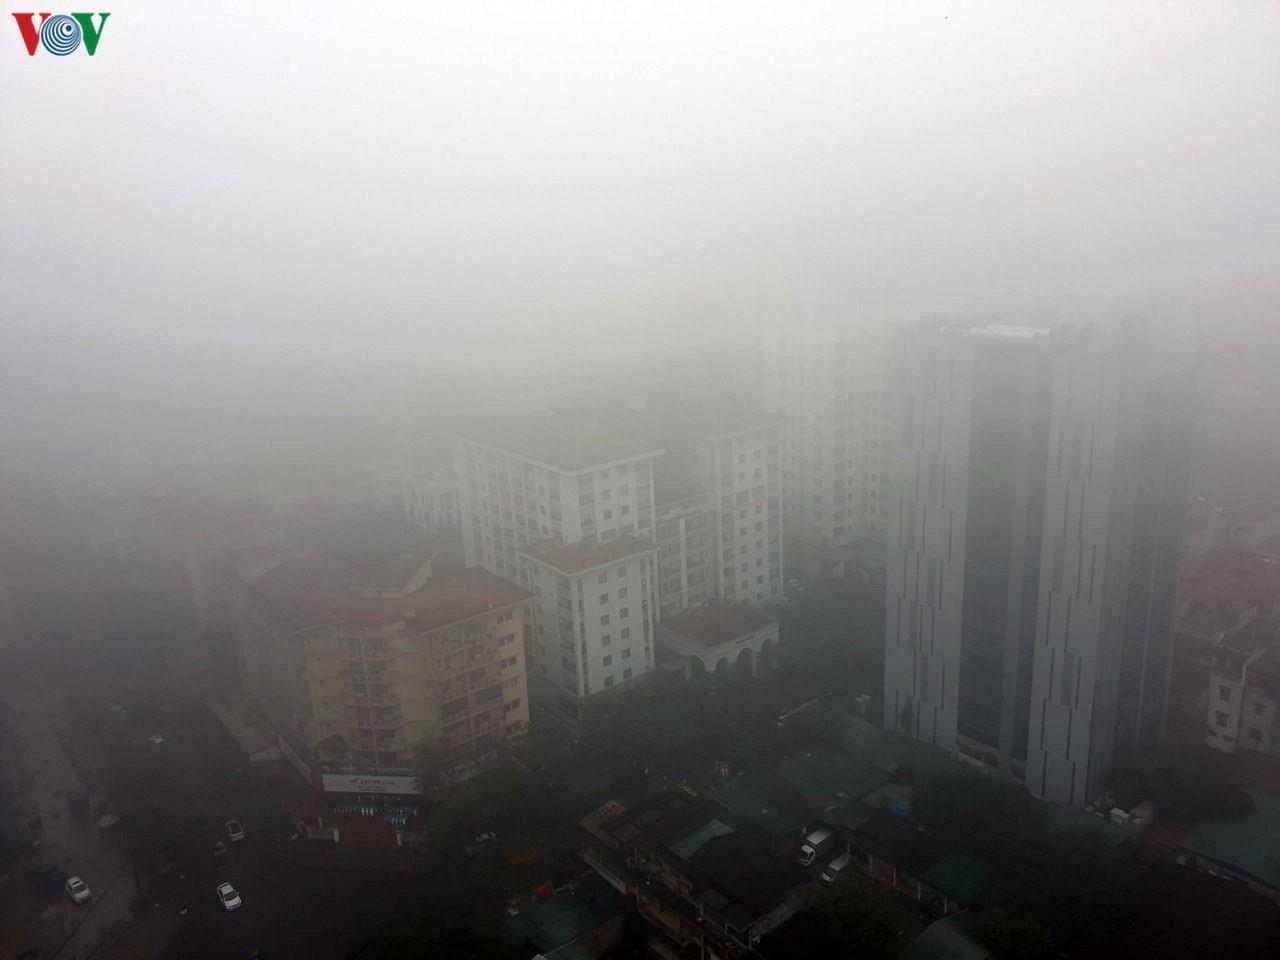 Hà Nội lại chìm trong sương mù dày đặc Ảnh 2